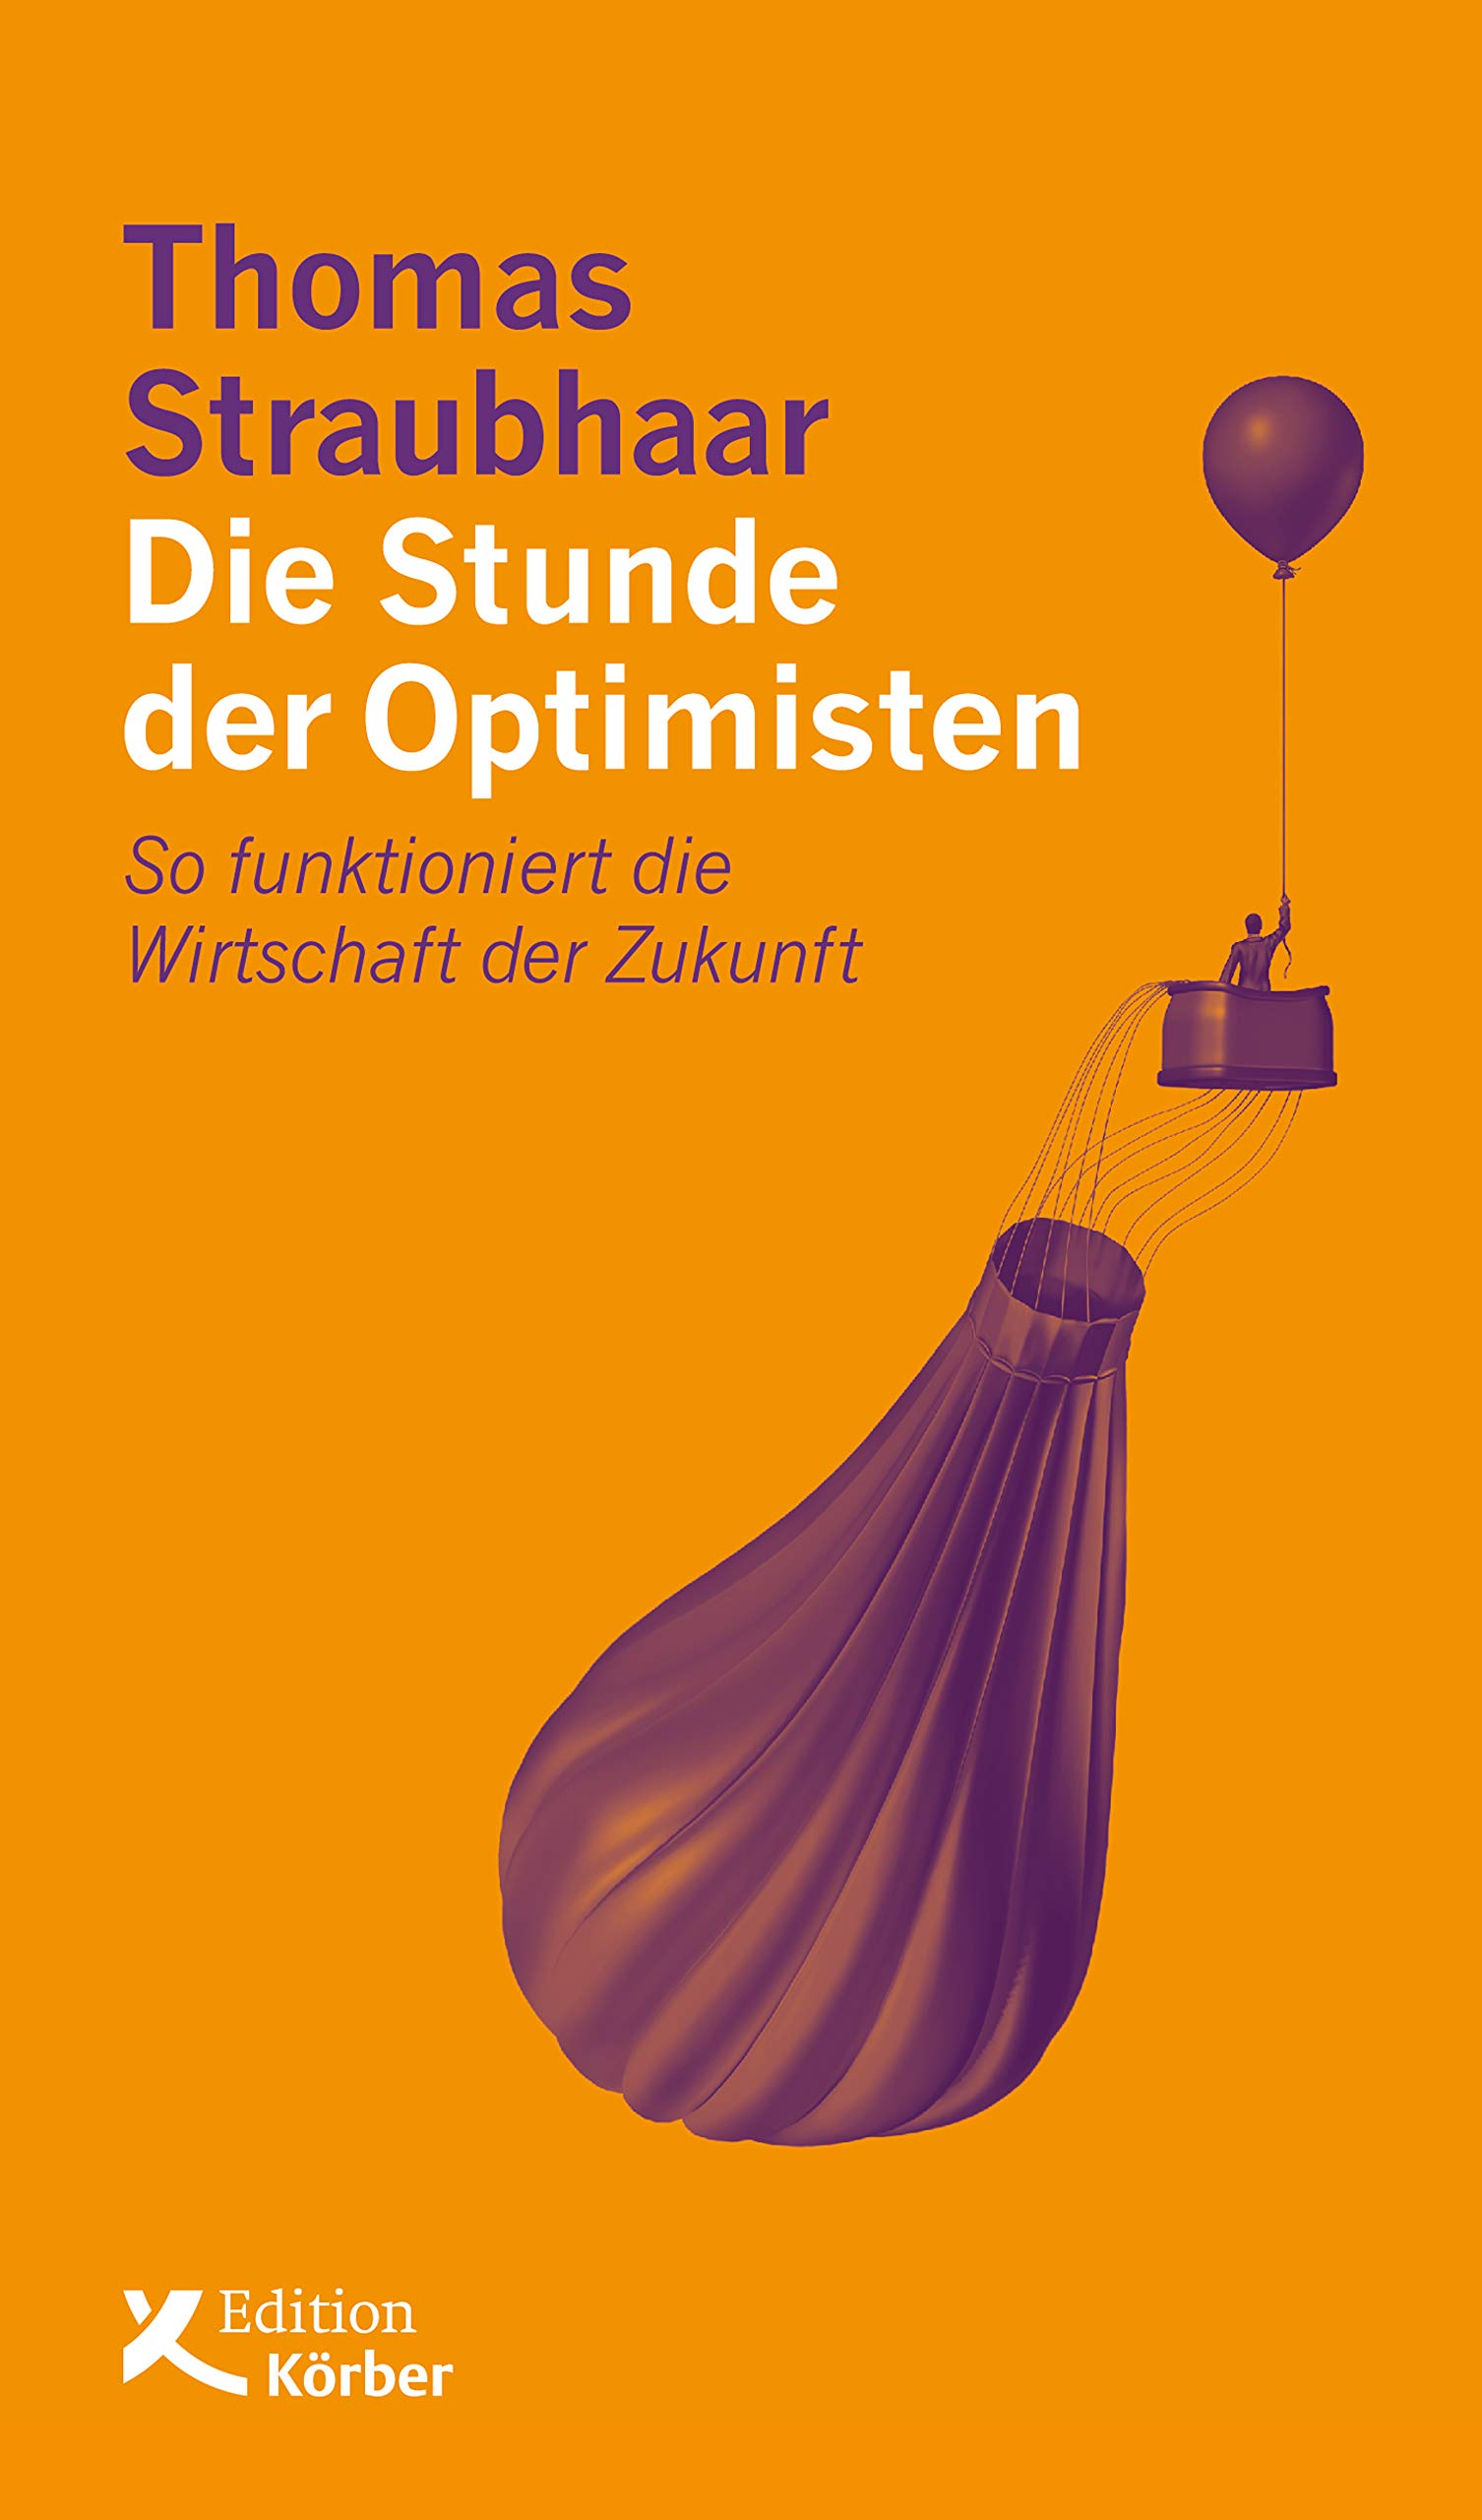 Die Stunde der Optimisten: So funktioniert die Wirtschaft der Zukunft (German Edition)